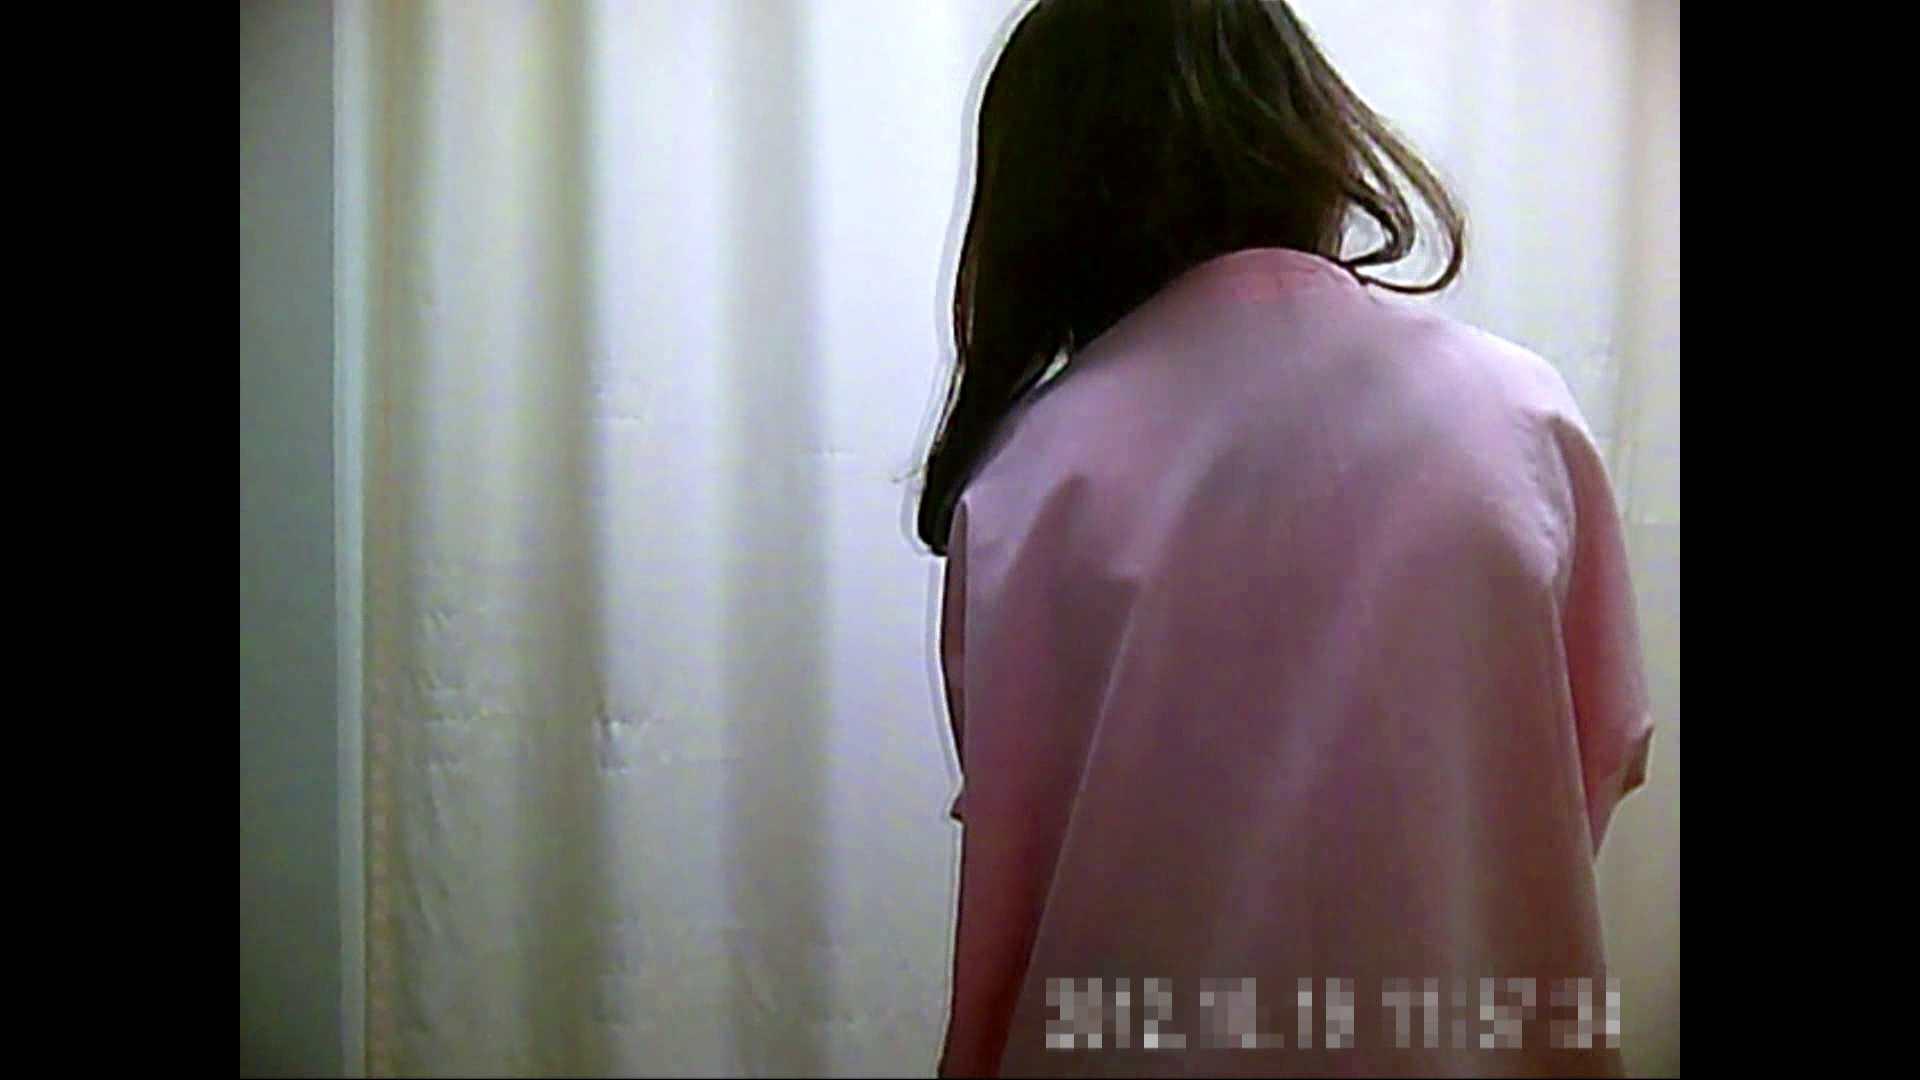 巨乳おまんこ:元医者による反抗 更衣室地獄絵巻 vol.052:怪盗ジョーカー